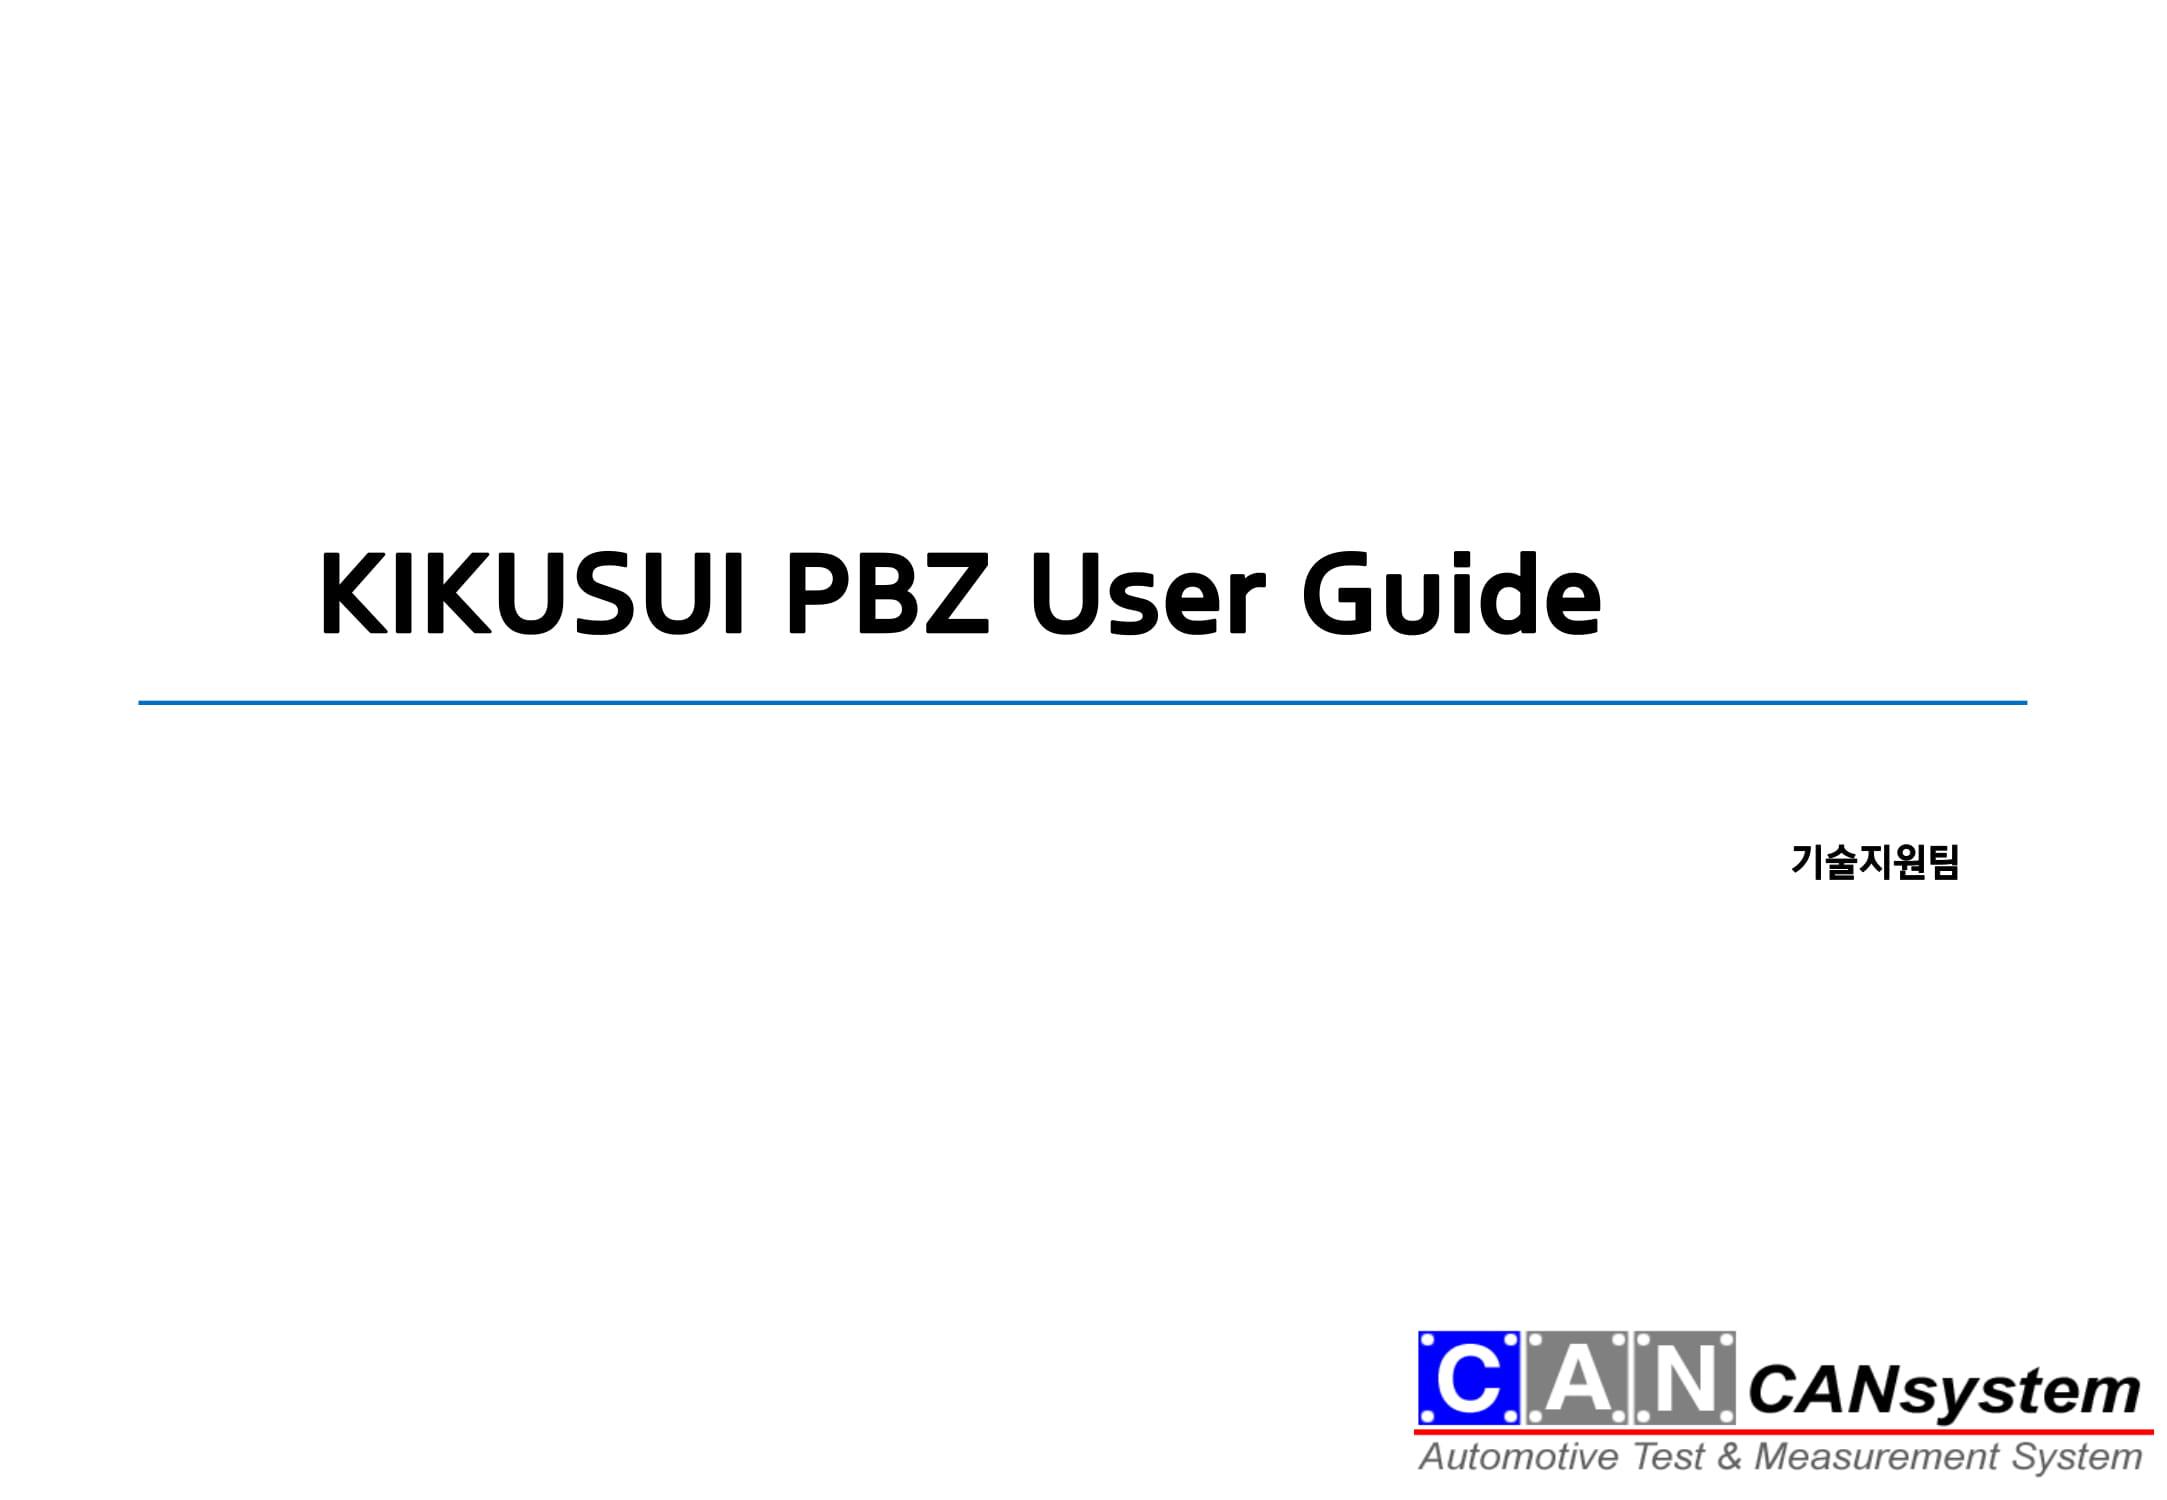 KIKUSUI PBZ 이용가이드-01.jpg